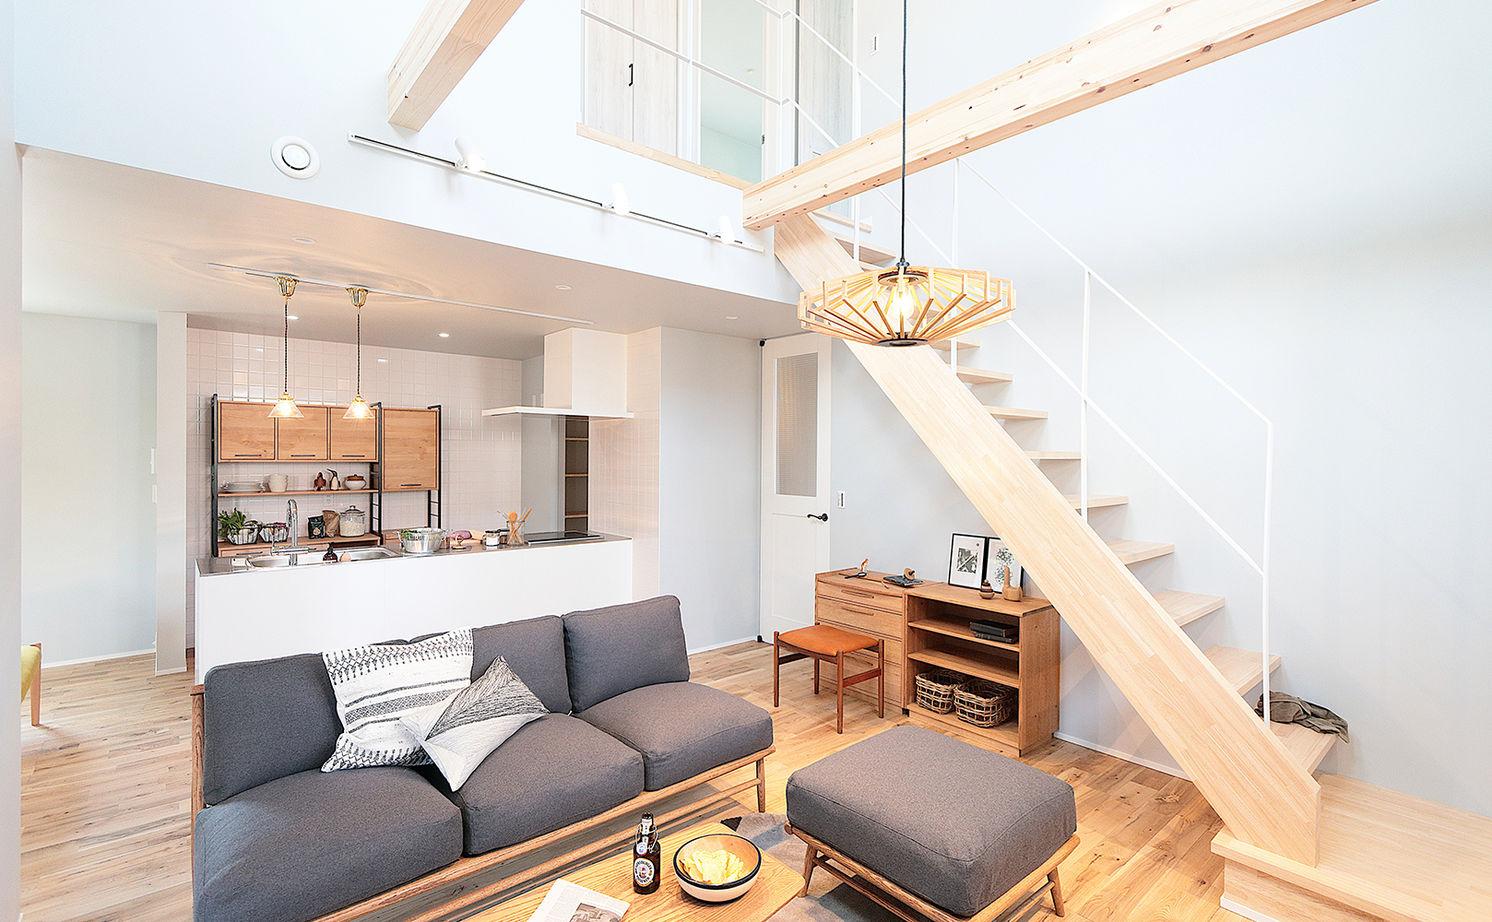 【延床31.4坪・2968万円】狭小地で設計の工夫が光る。北欧スタイルで統一された心地よいZEH仕様住宅画像1